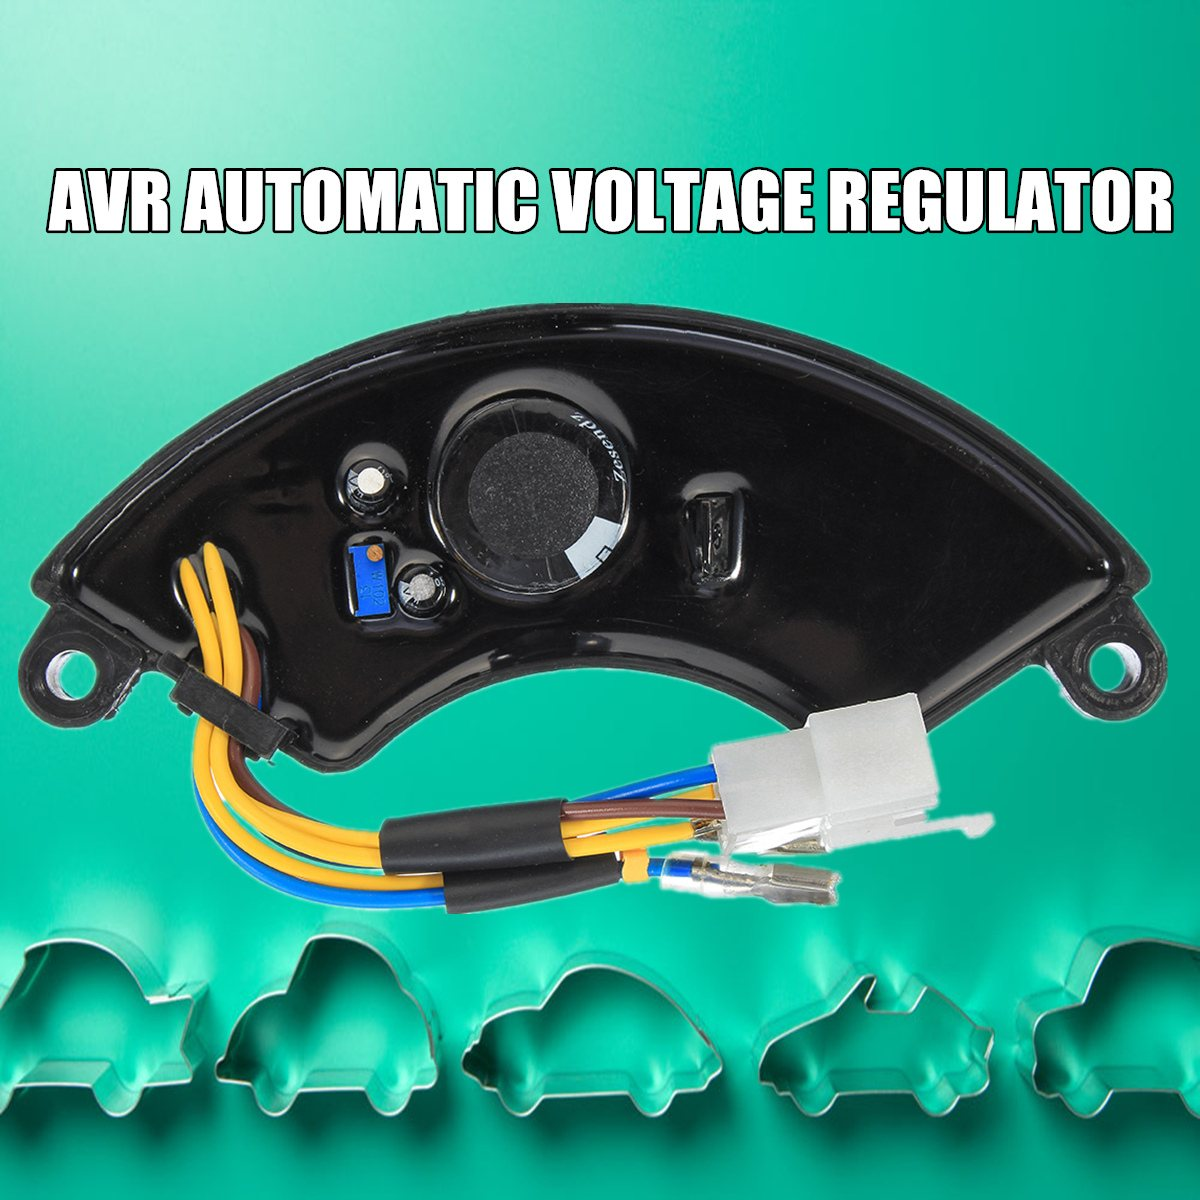 5KW-6.5KW AVR Automatic Voltage Regulator Rectifier For Gasoline Generator Black 188F/190F Adjusting Range 160V-260V